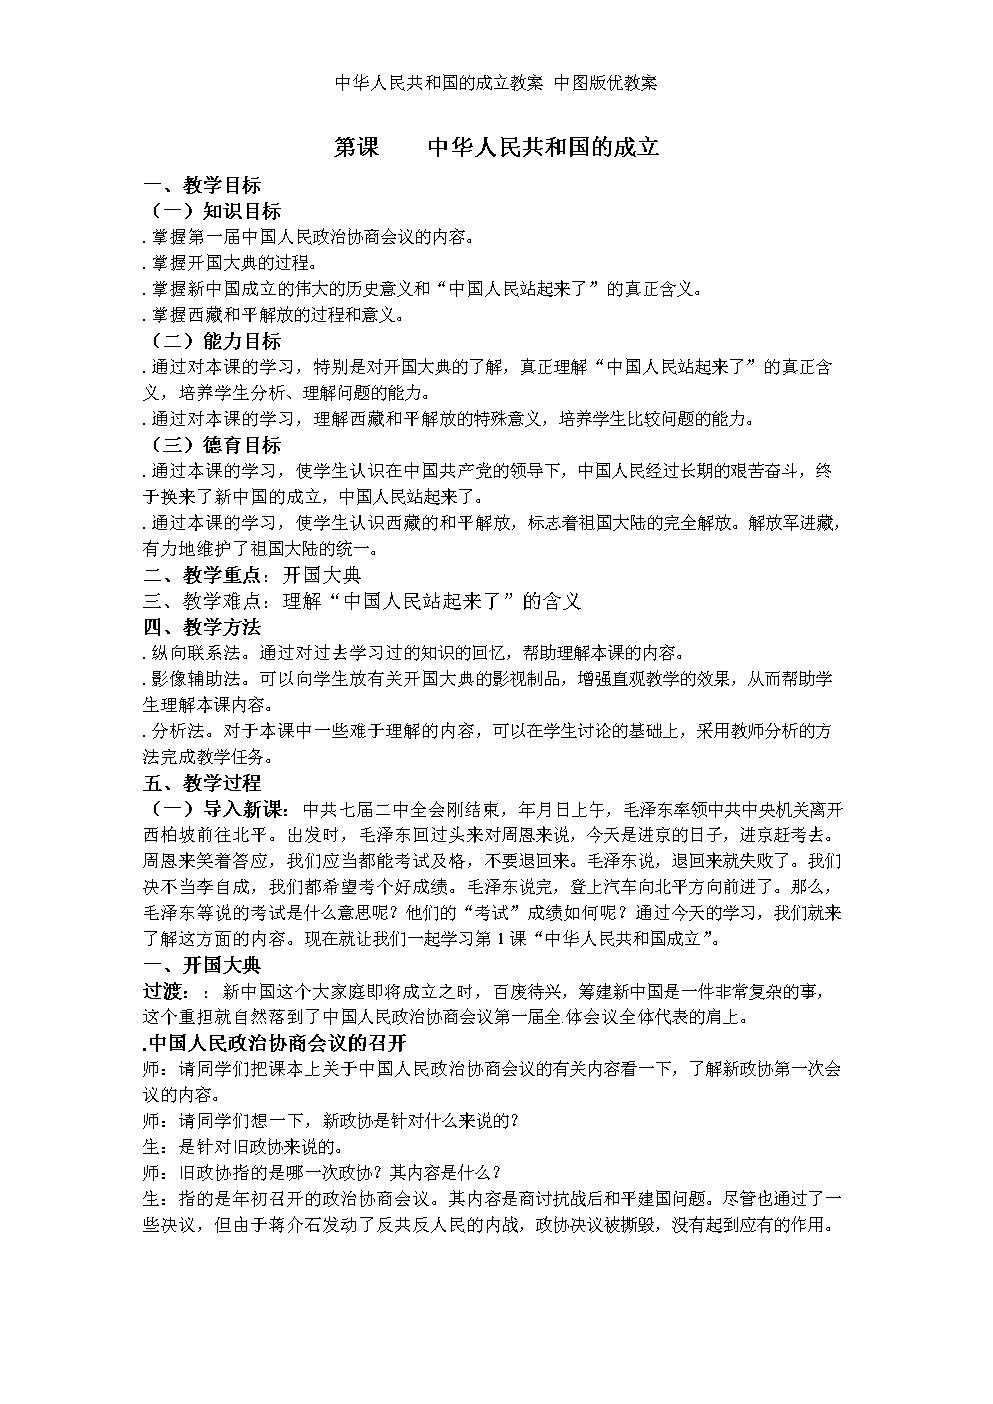 中华人民共和国的成立教案 中图版优教案.doc